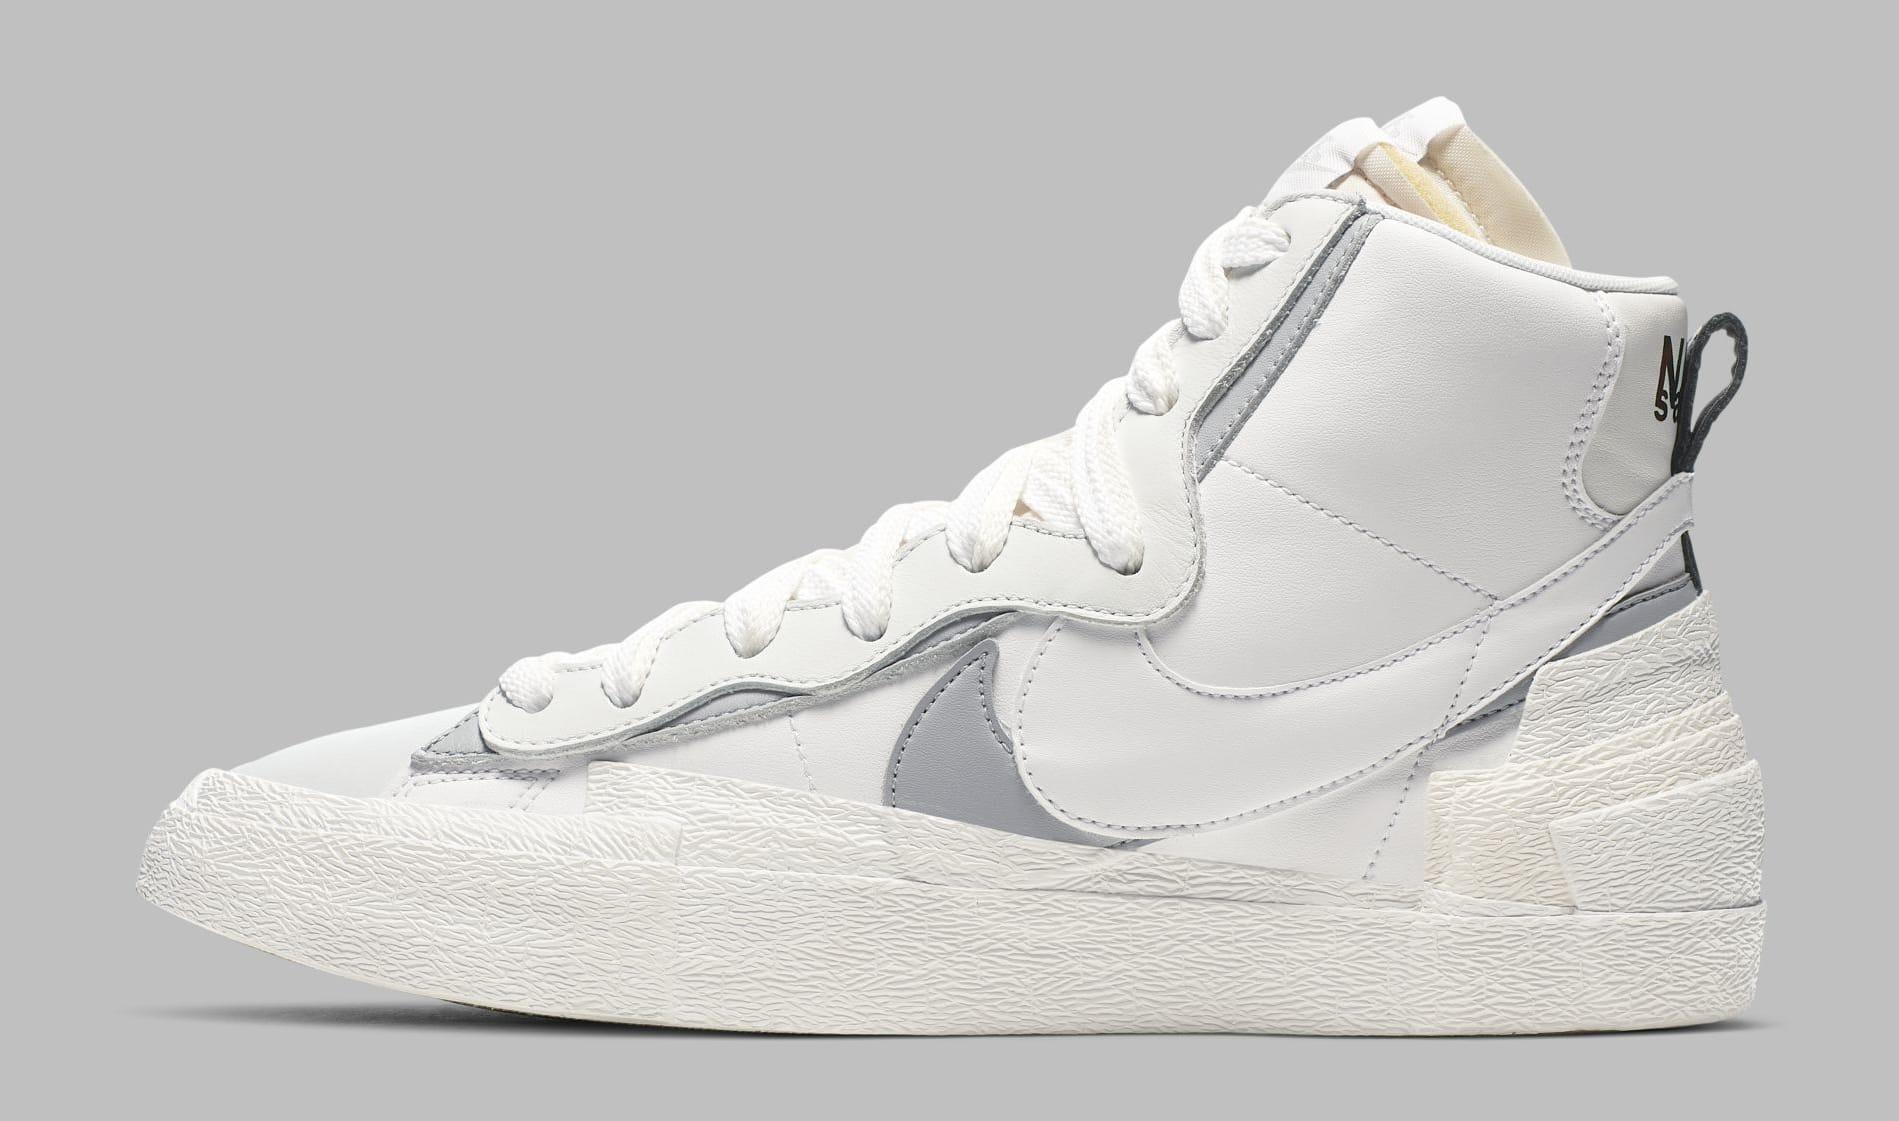 sacai-nike-blazer-mid-white-bv0072-100-lateral